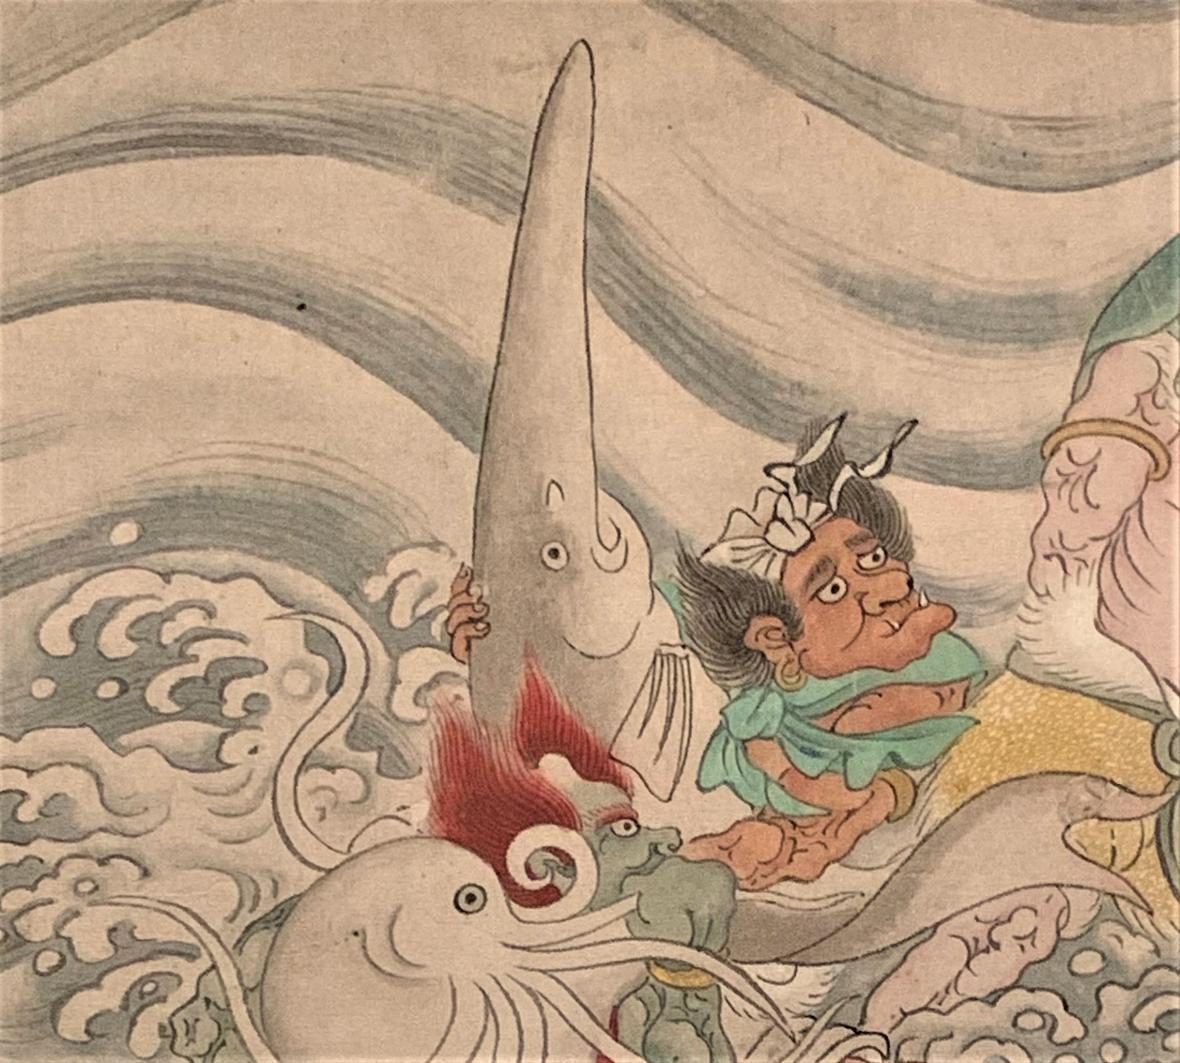 Veslonos čínský na obraze ze 17. století